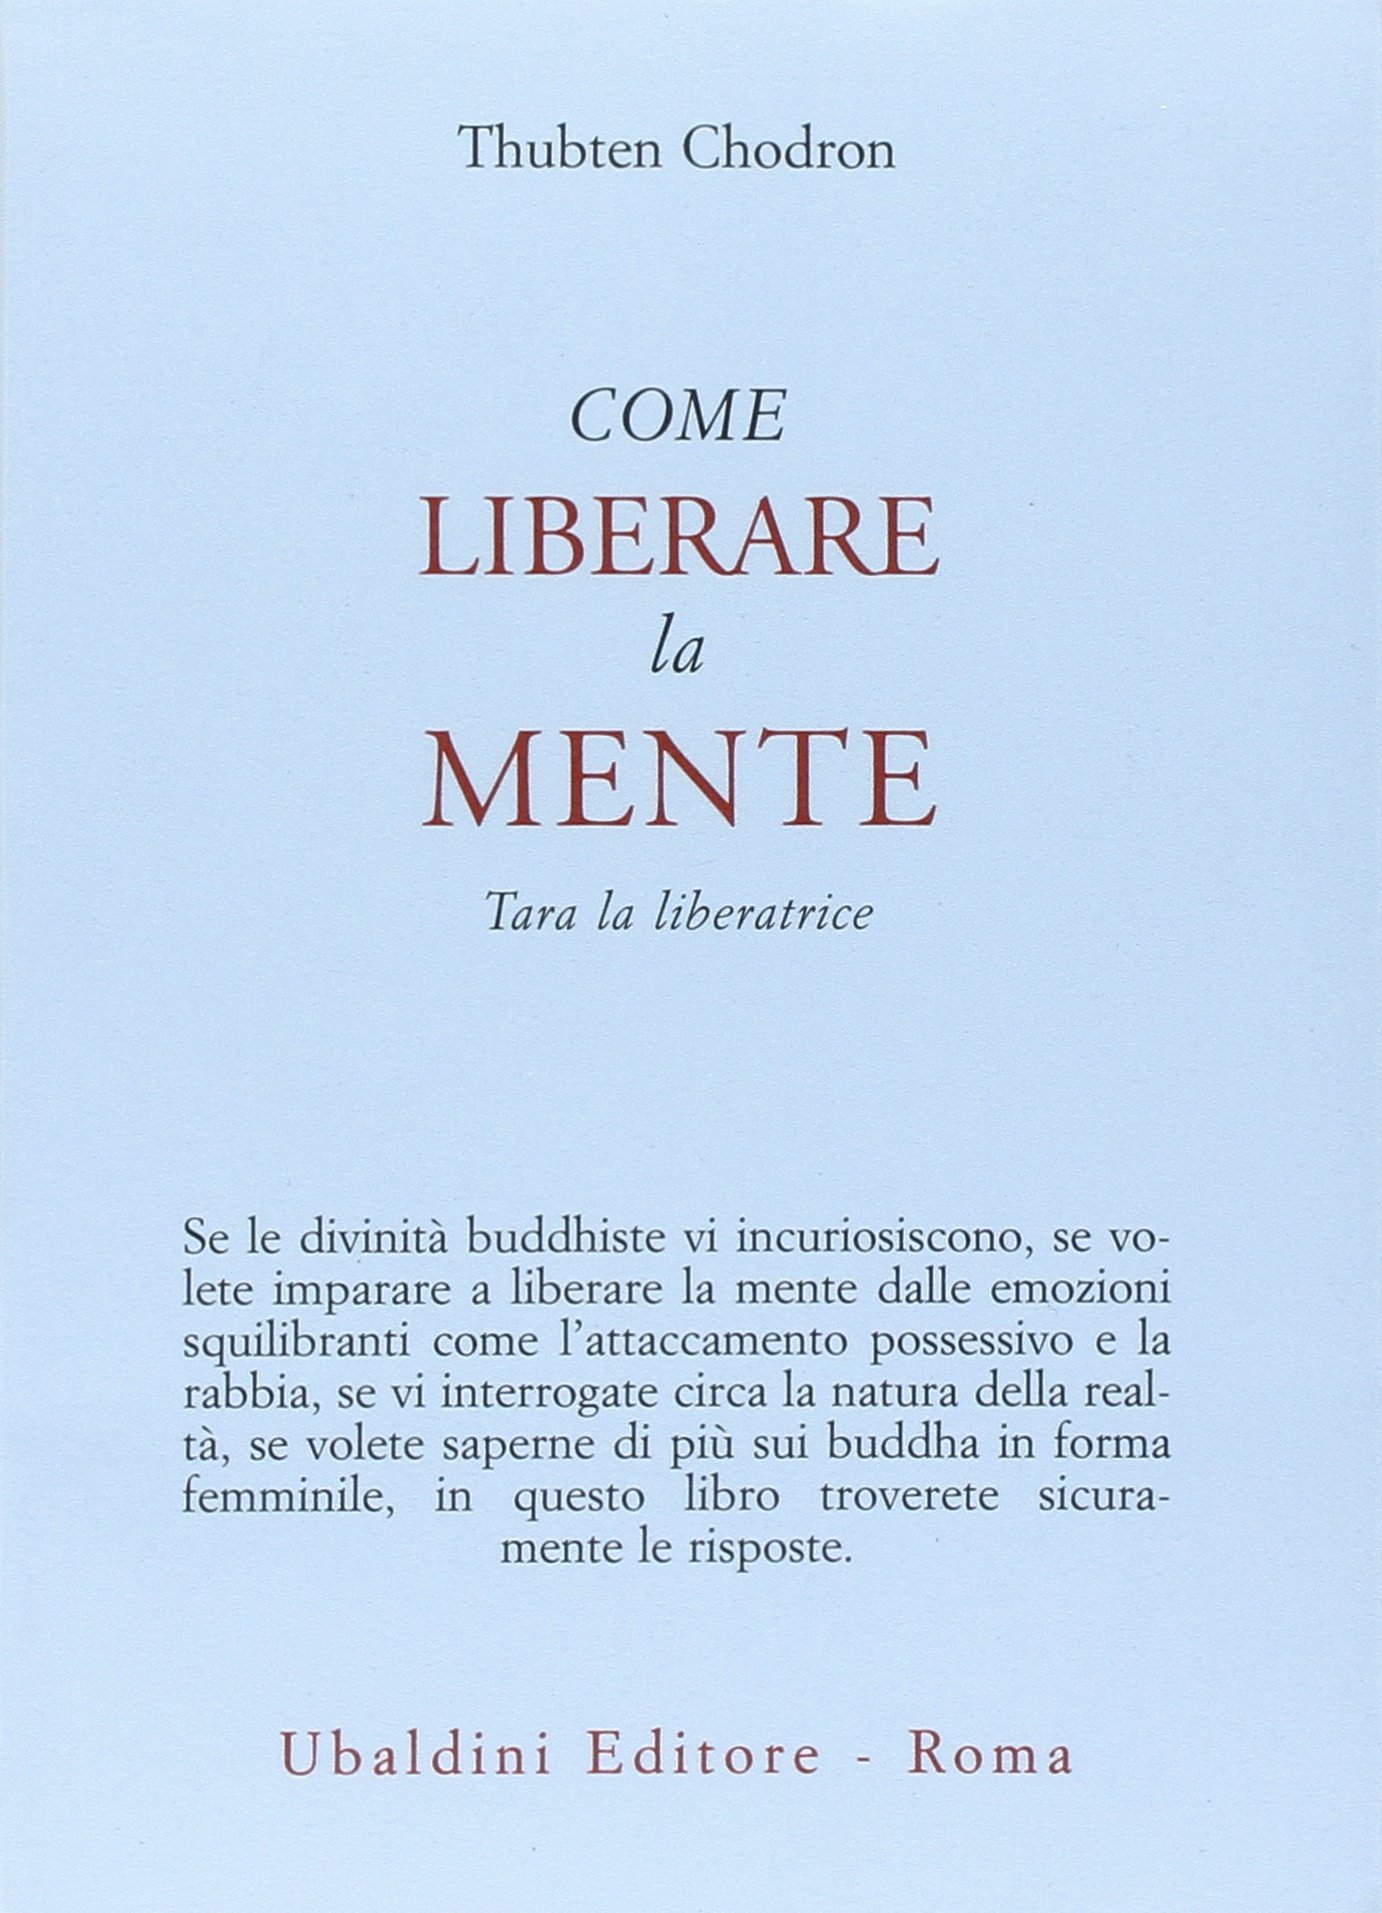 Come liberare la mente. Tara la liberatrice Copertina flessibile – 27 lug 2006 Thubten Chodron L. Baglioni Astrolabio Ubaldini 883401491X